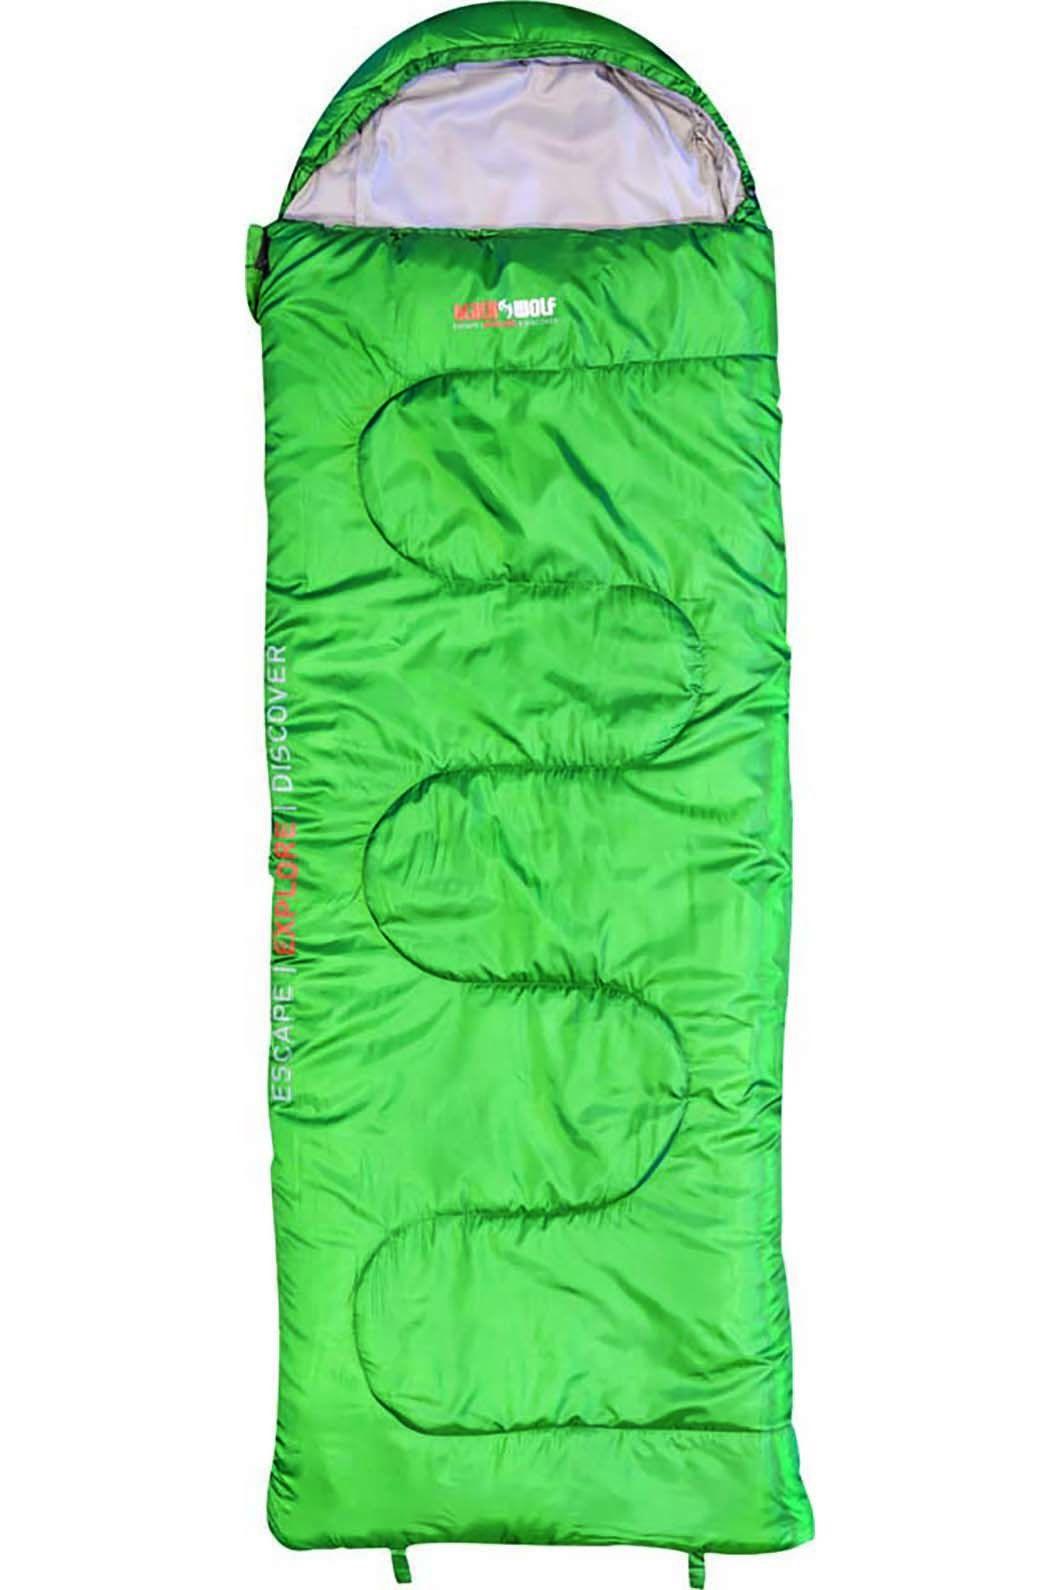 BlackWolf Meridian 300 Sleeping Bag 6, None, hi-res